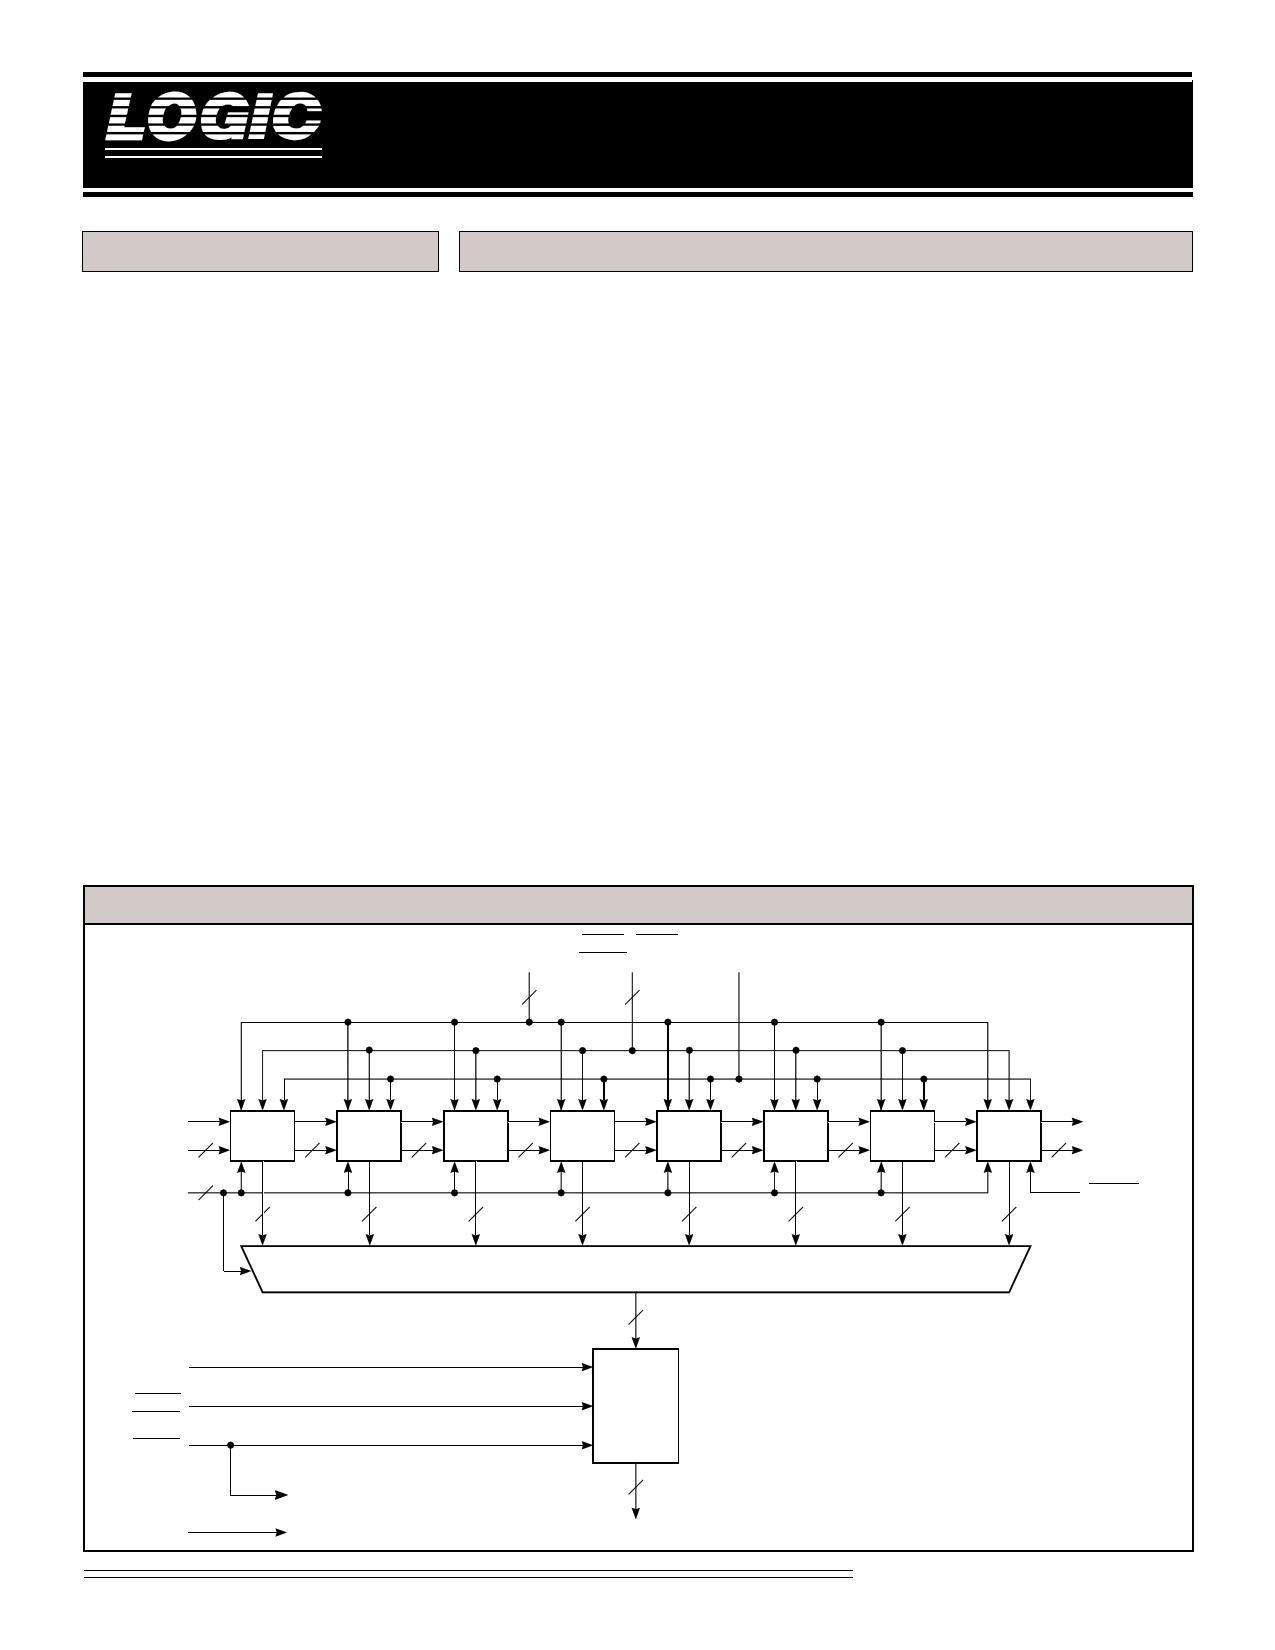 LF43881JC40 دیتاشیت PDF